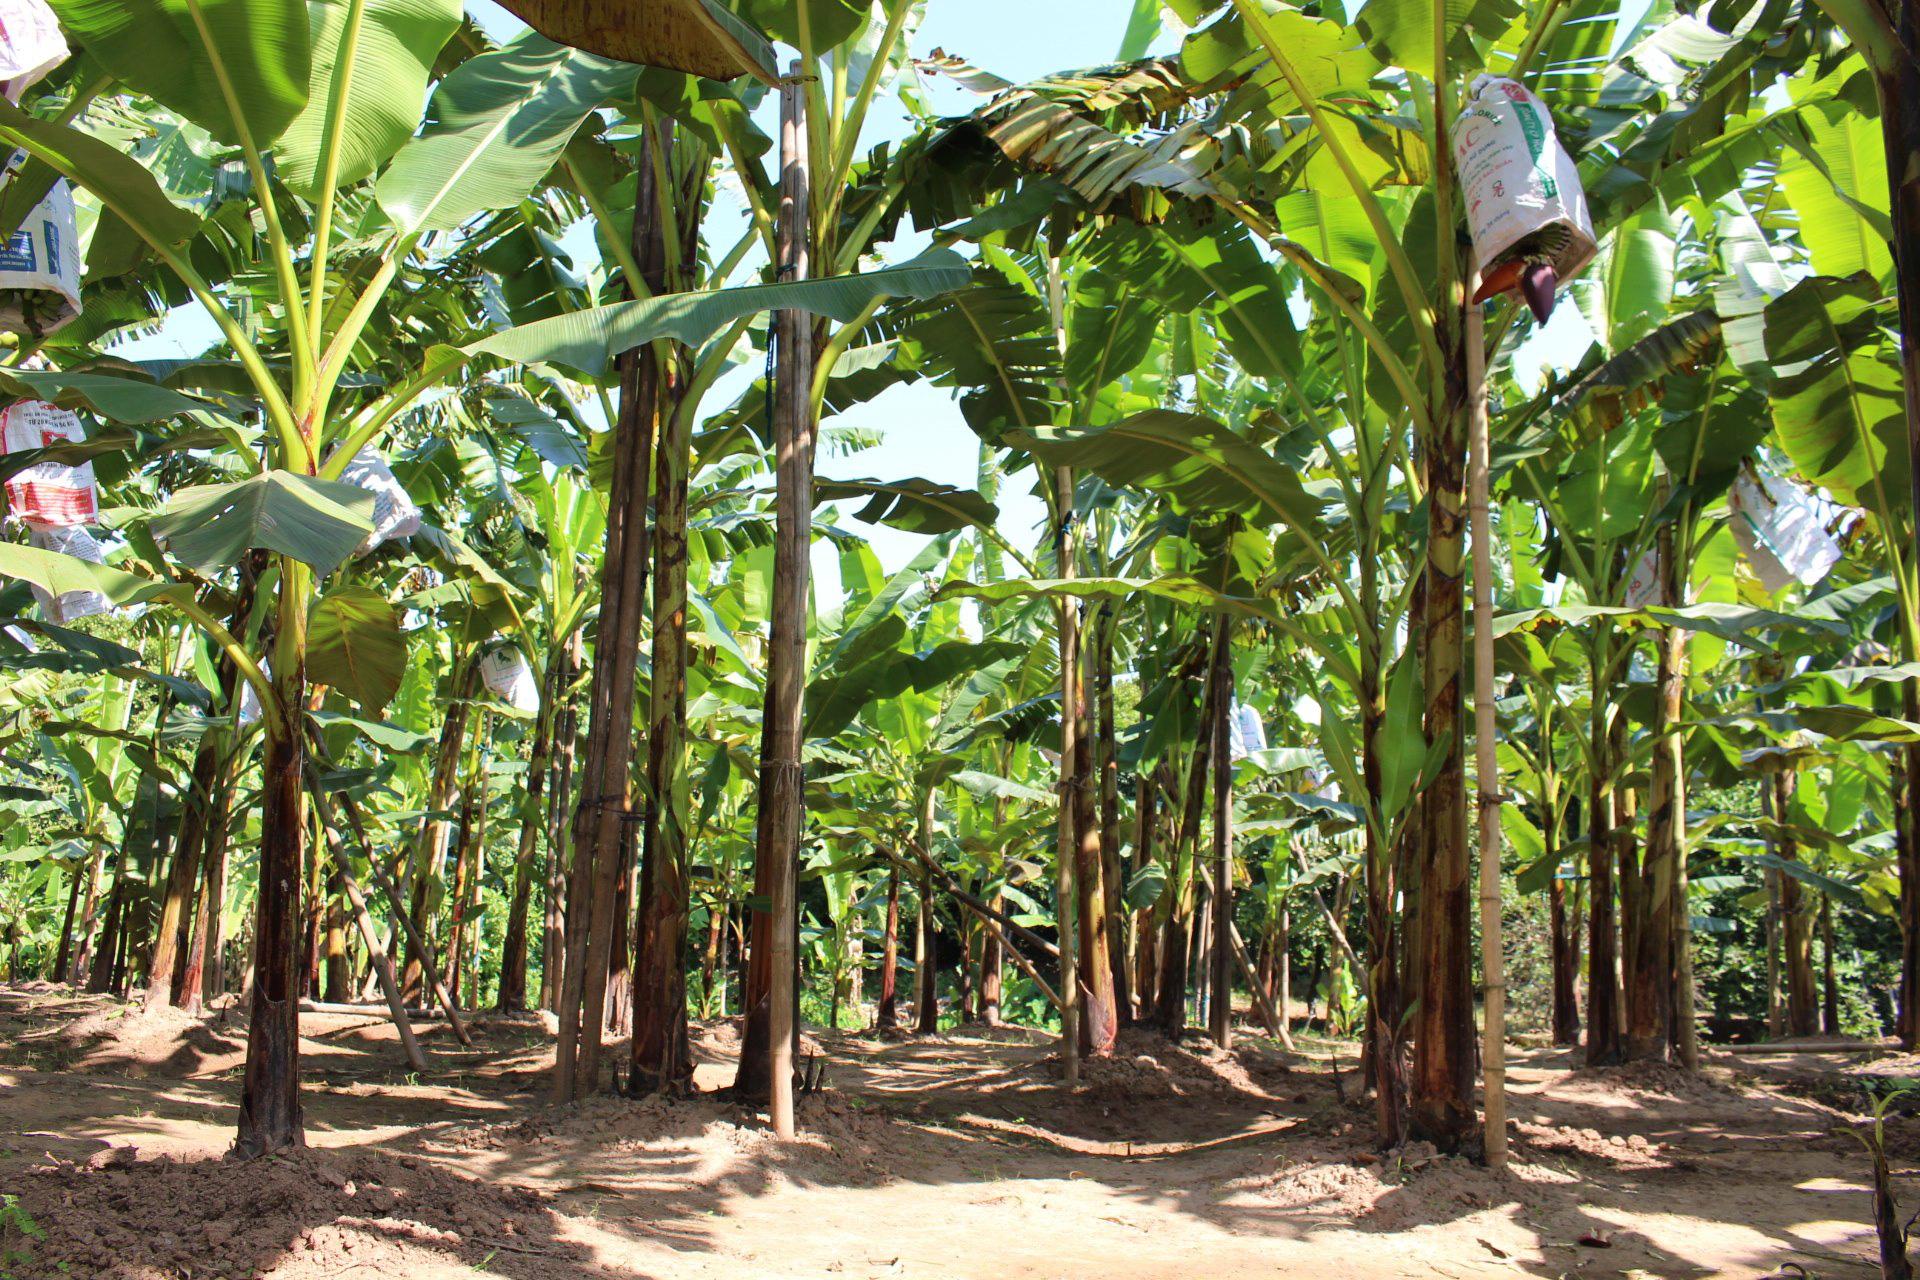 Khôi phục và bảo tồn thành công giống chuối quê làng Vũ Đại - Ảnh 2.